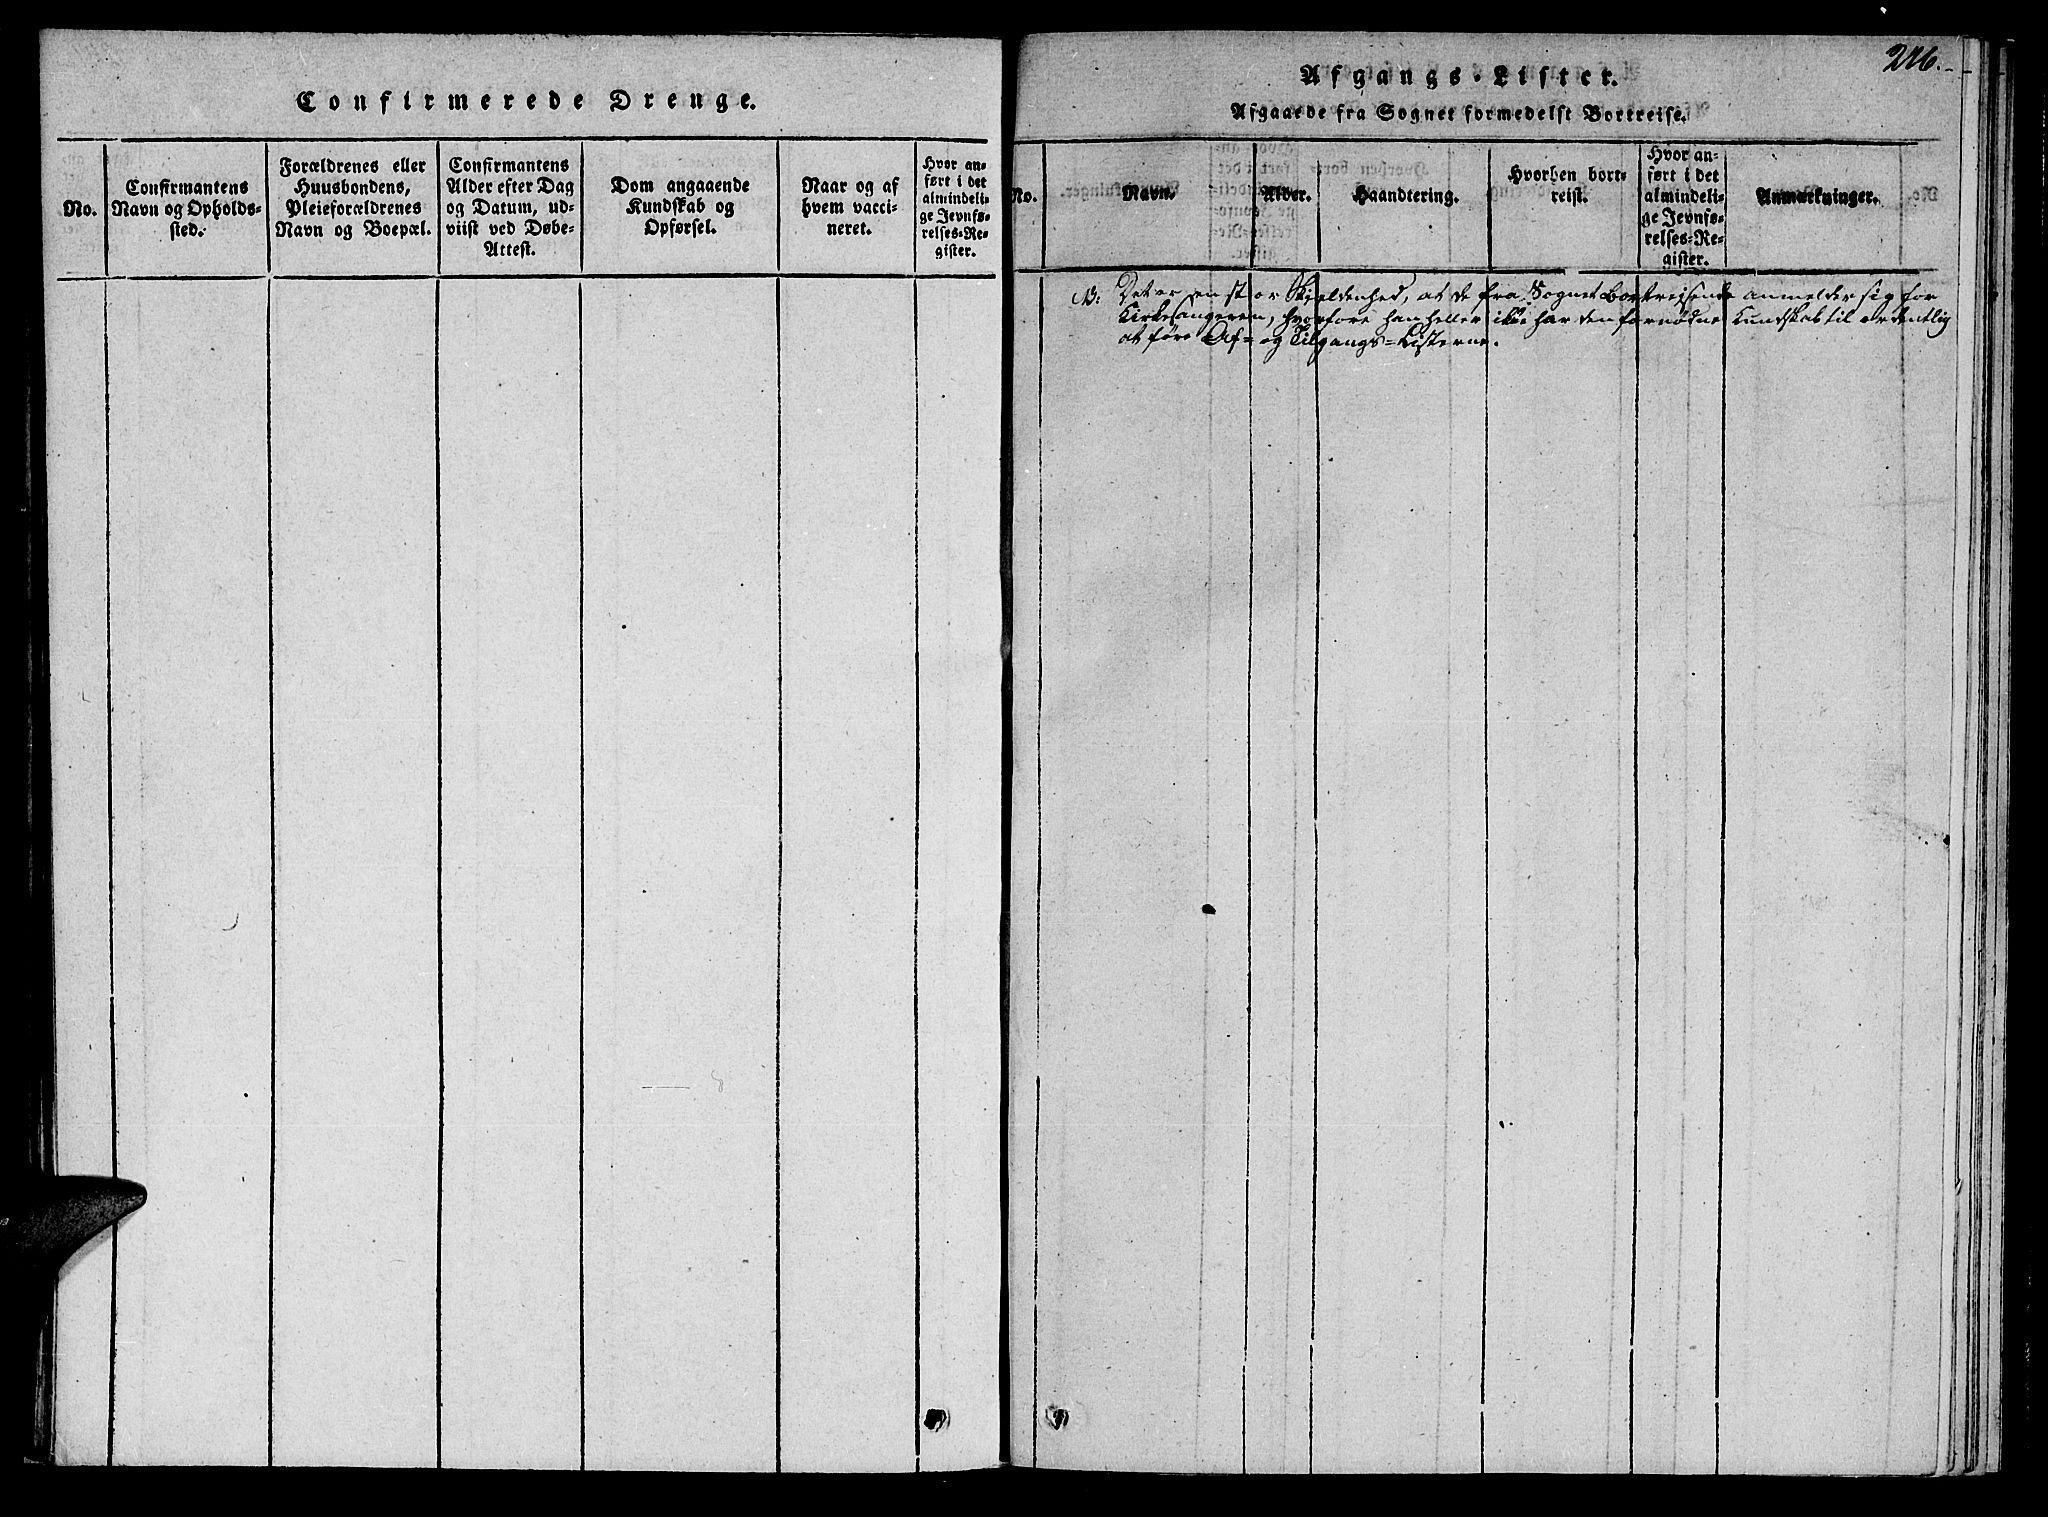 SAT, Ministerialprotokoller, klokkerbøker og fødselsregistre - Nord-Trøndelag, 766/L0565: Klokkerbok nr. 767C01, 1817-1823, s. 276